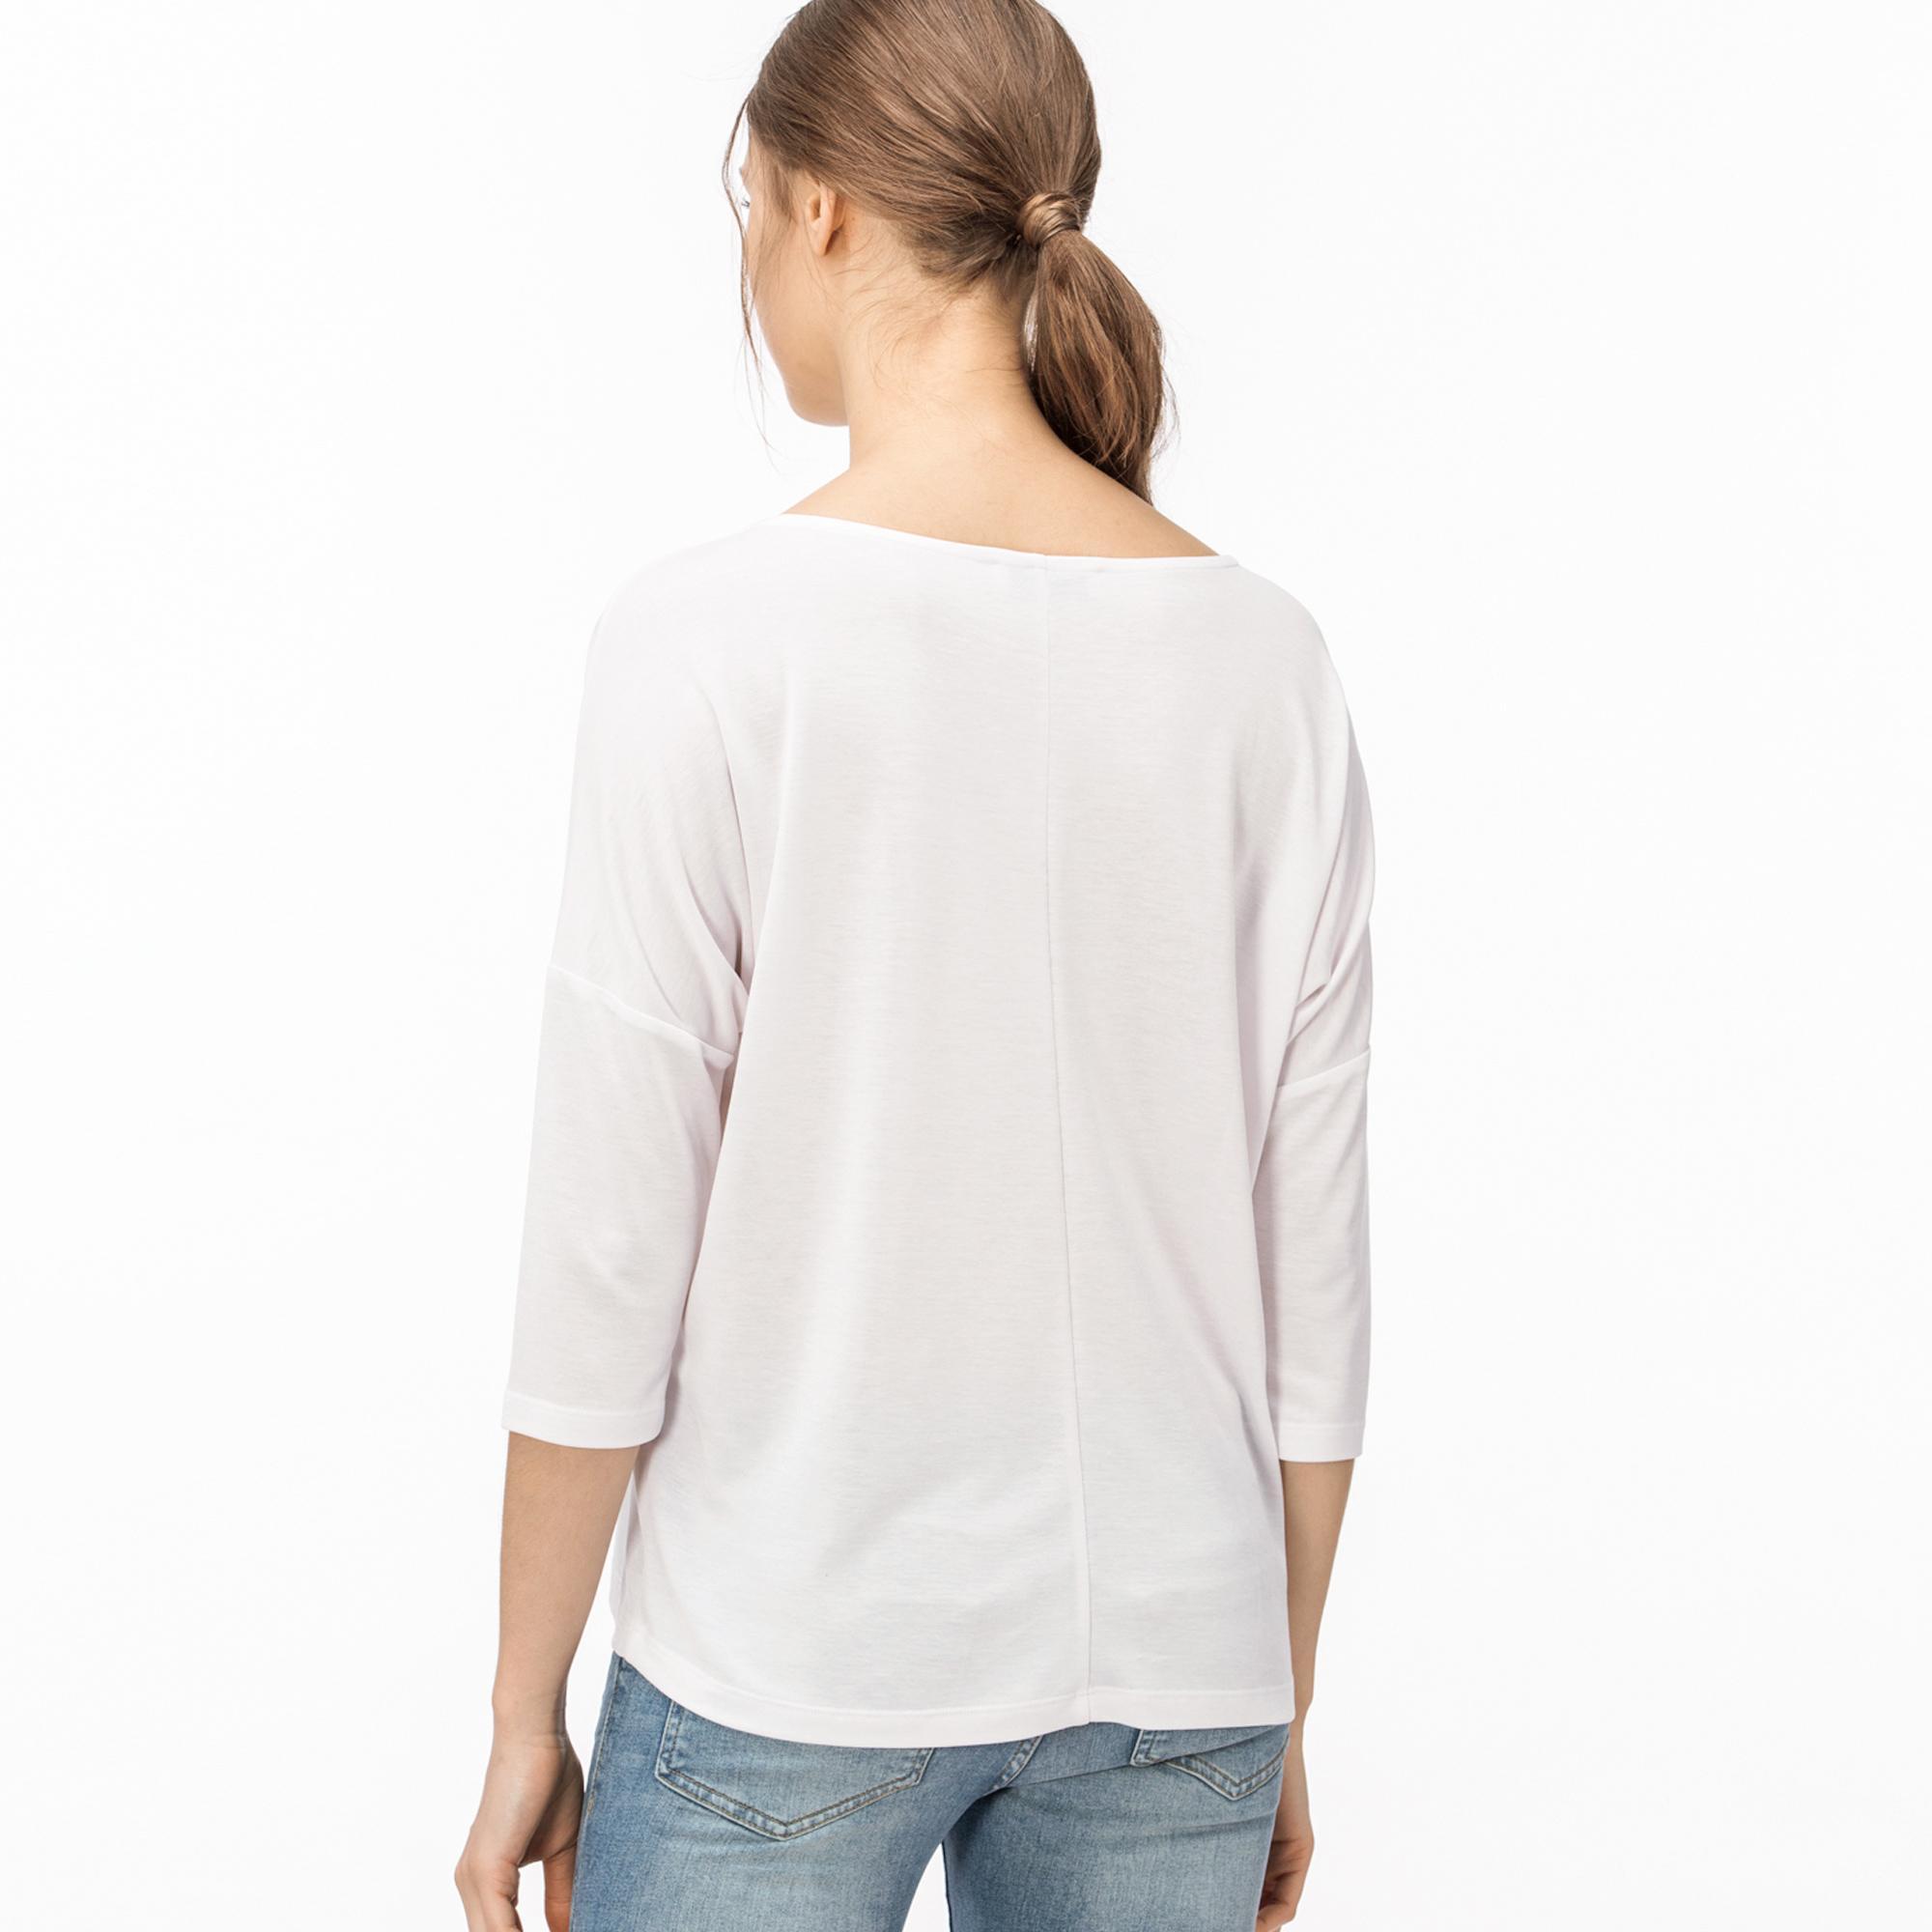 Lacoste Kadın Beyaz T-Shirt